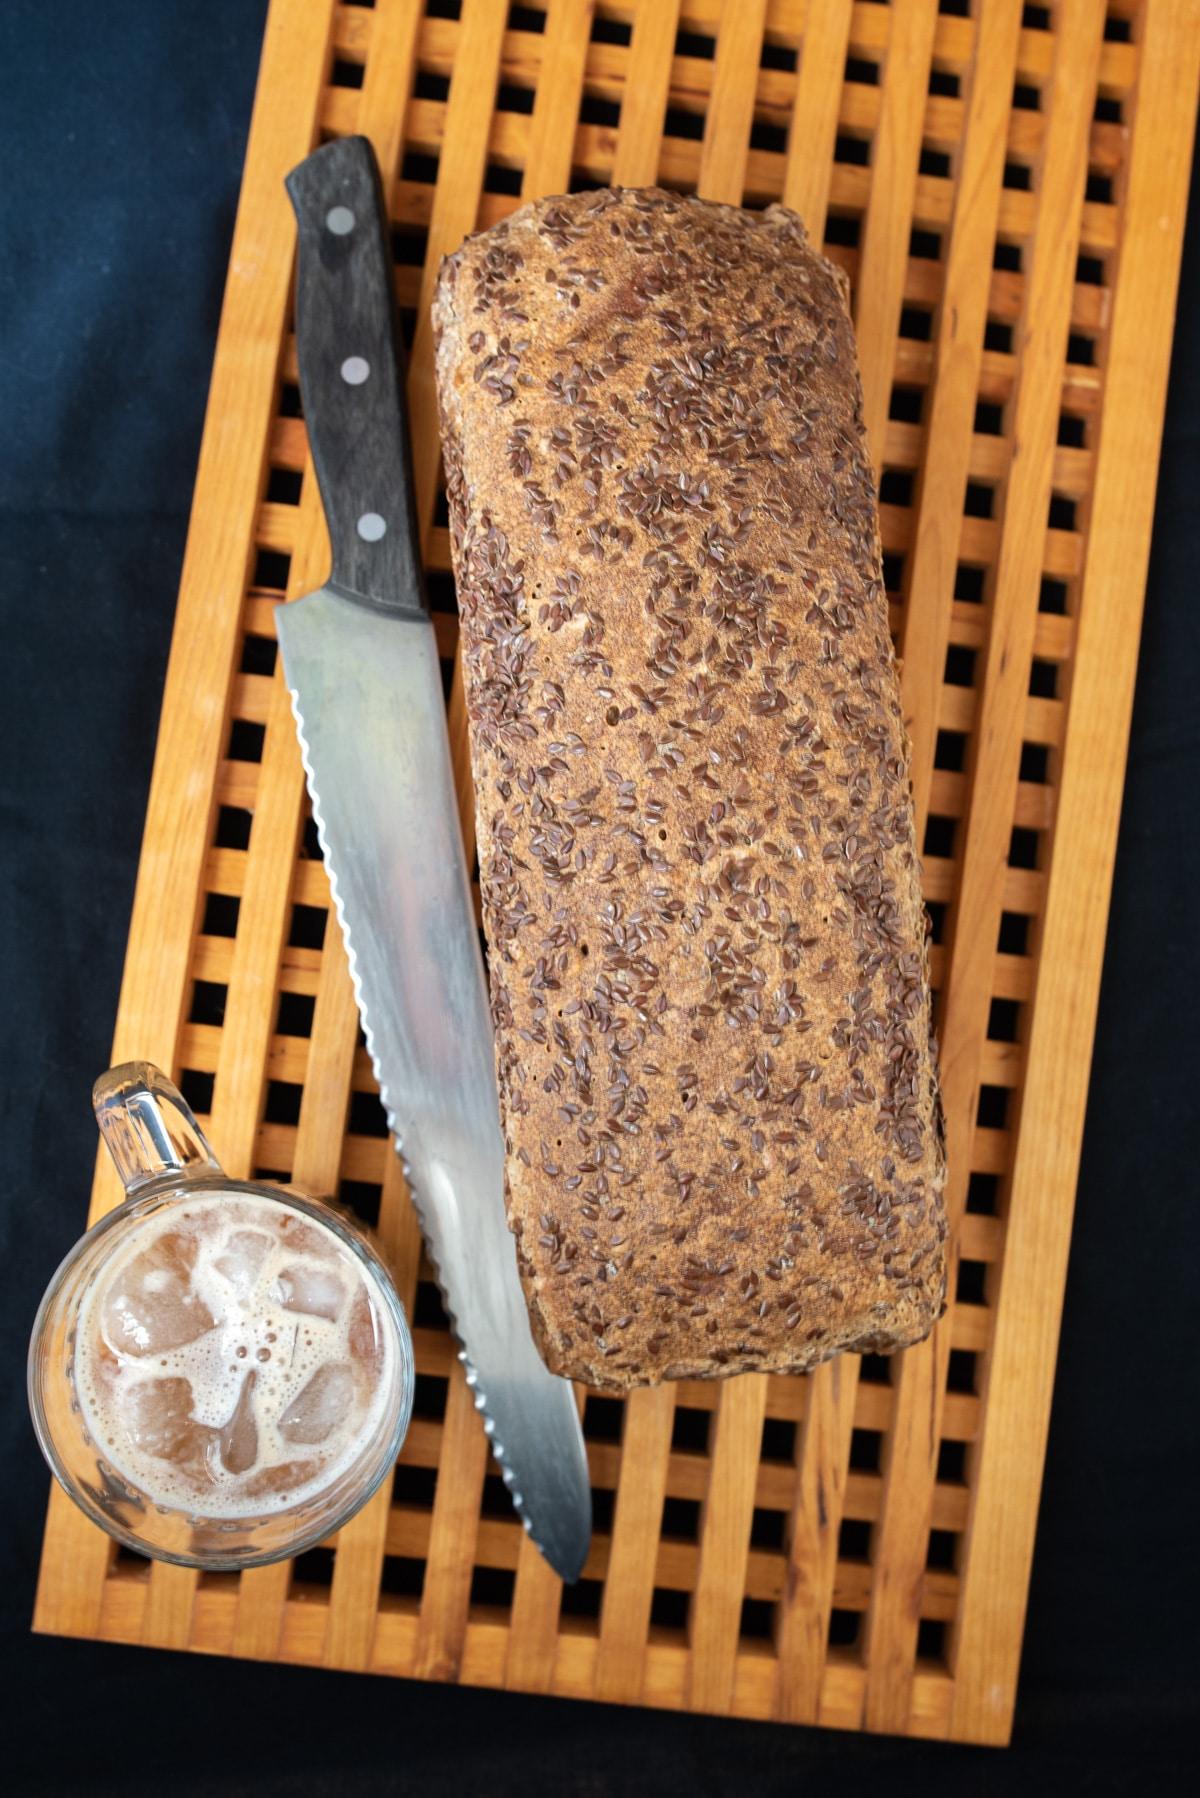 bochenek z ziarnami na wierzchu na desce do krojenia